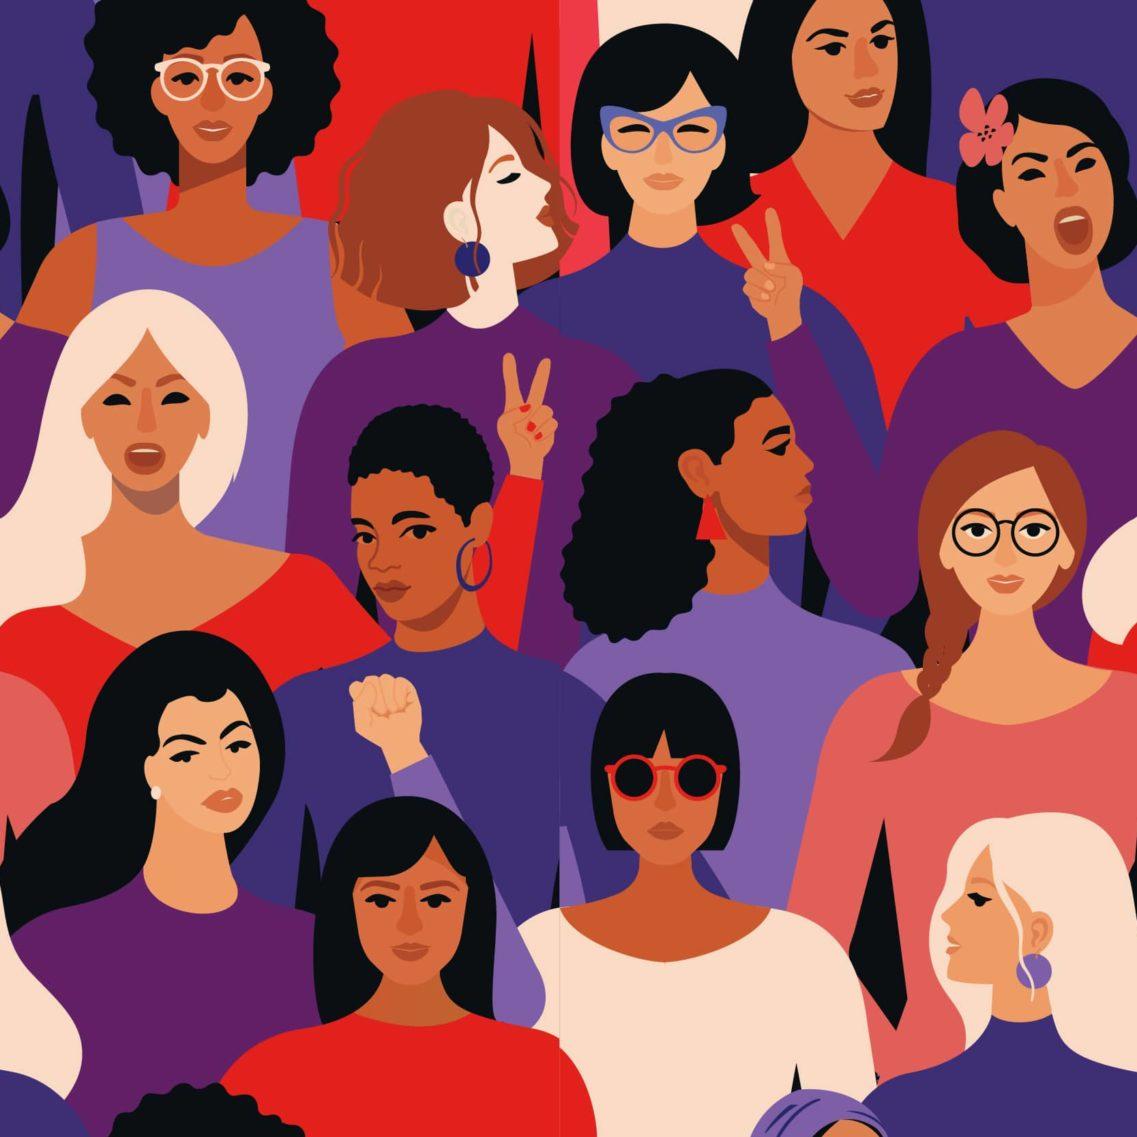 Ilustracion de un grupo diverso de mujeres